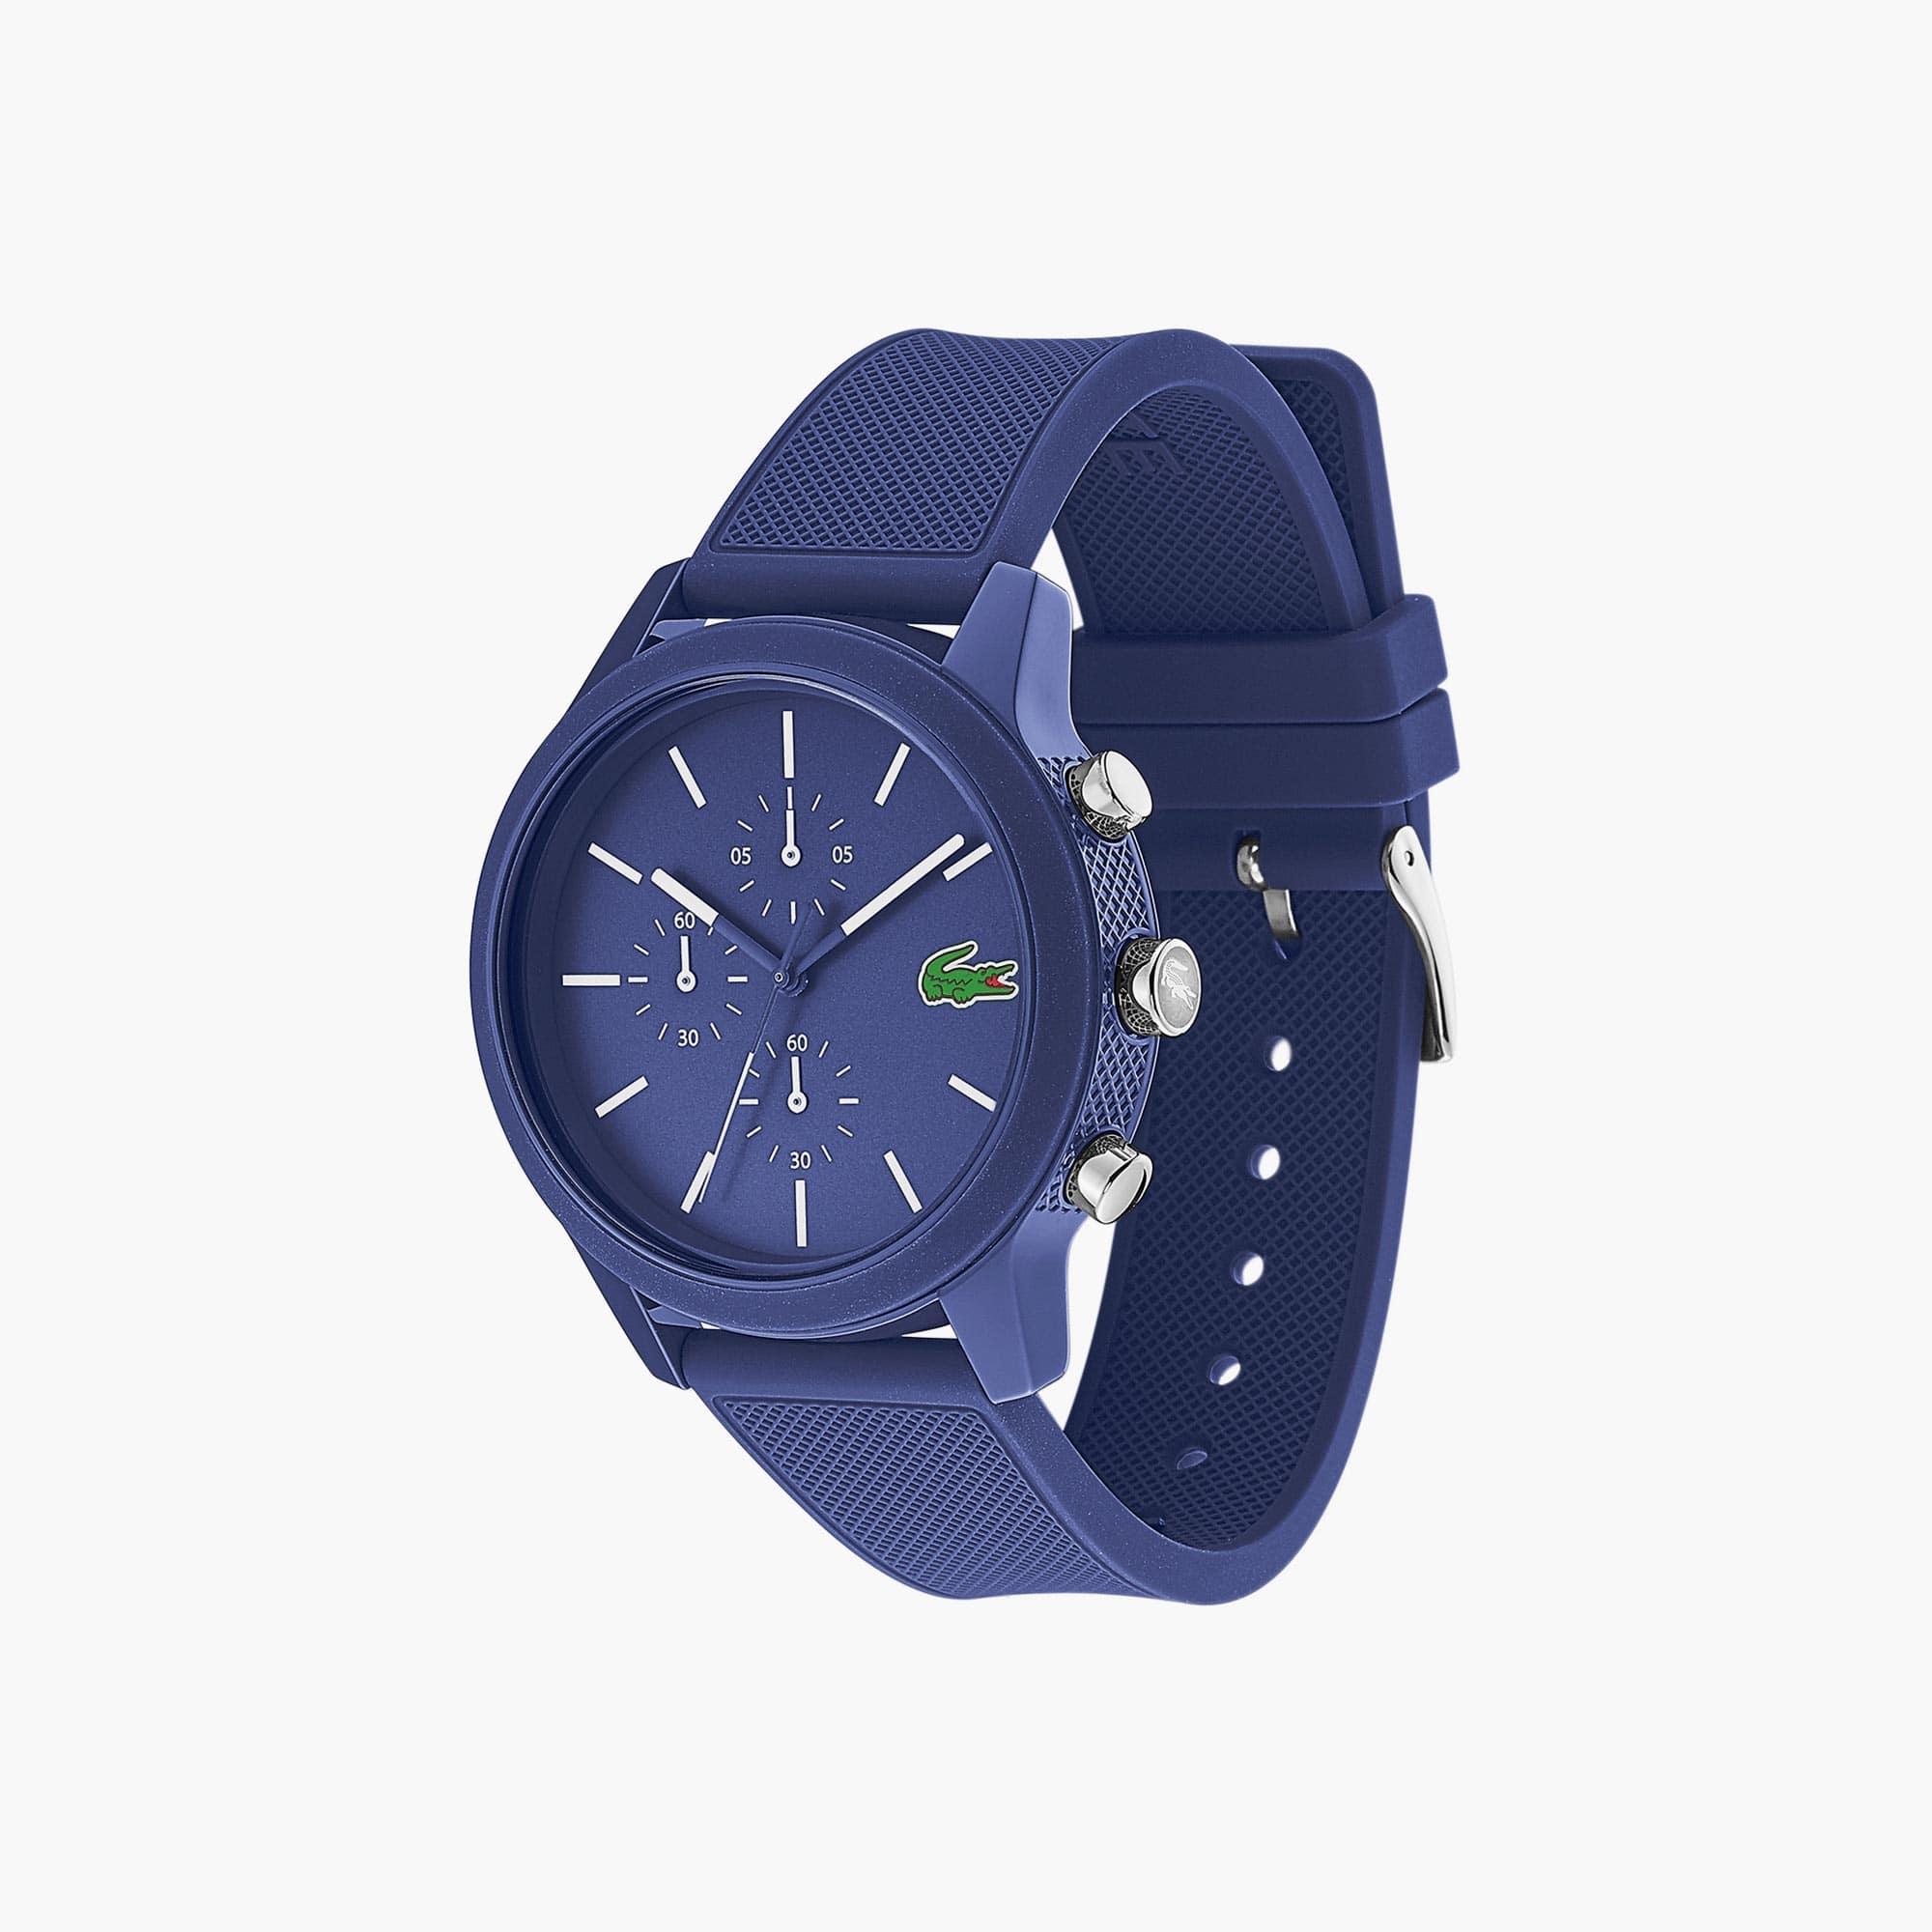 Reloj de Hombre Lacoste 12.12 con Cronógrafo Y Correa de Silicona Azul